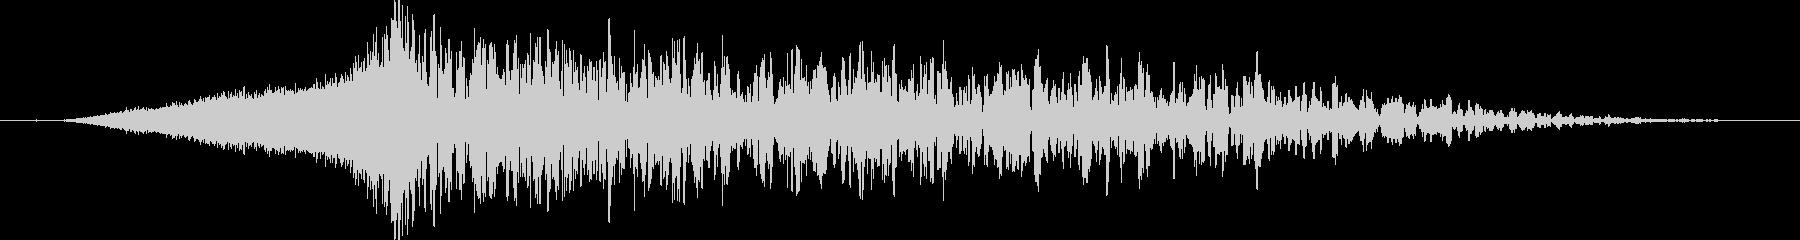 ワープ:タイムスリップする音の未再生の波形